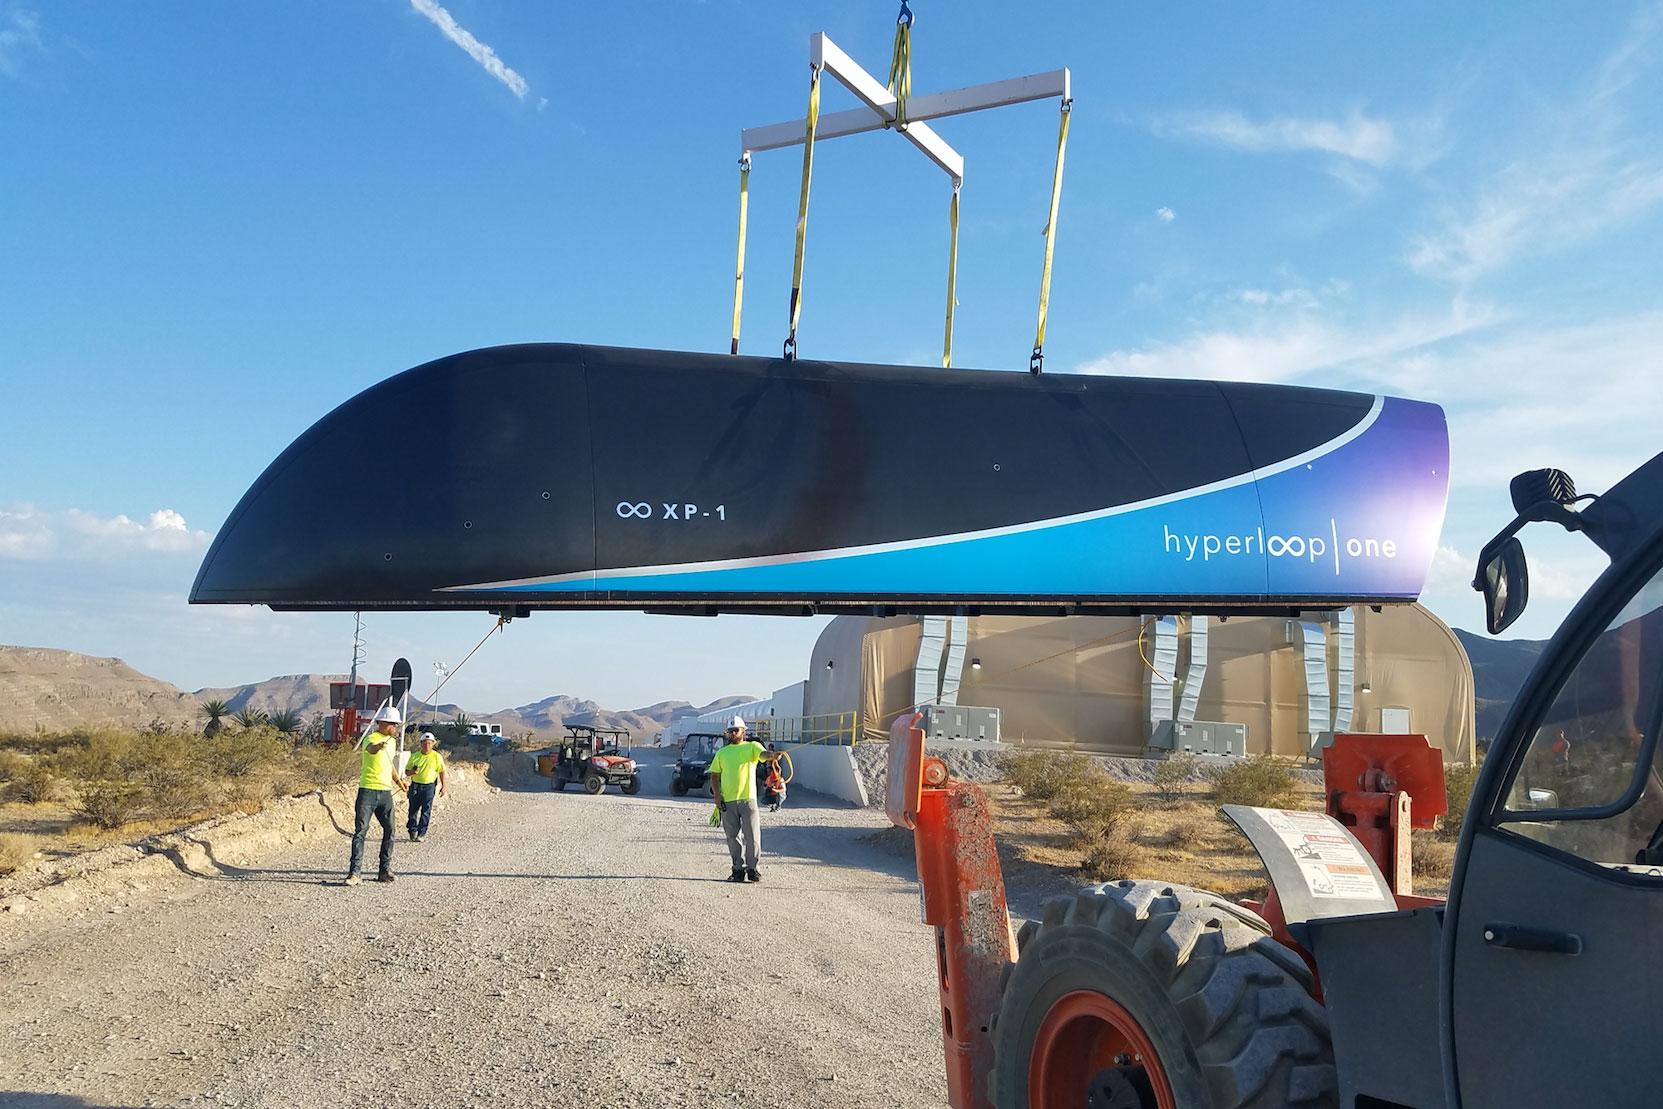 Вакуумний поїзд Hyperloop пройшов перші випробування